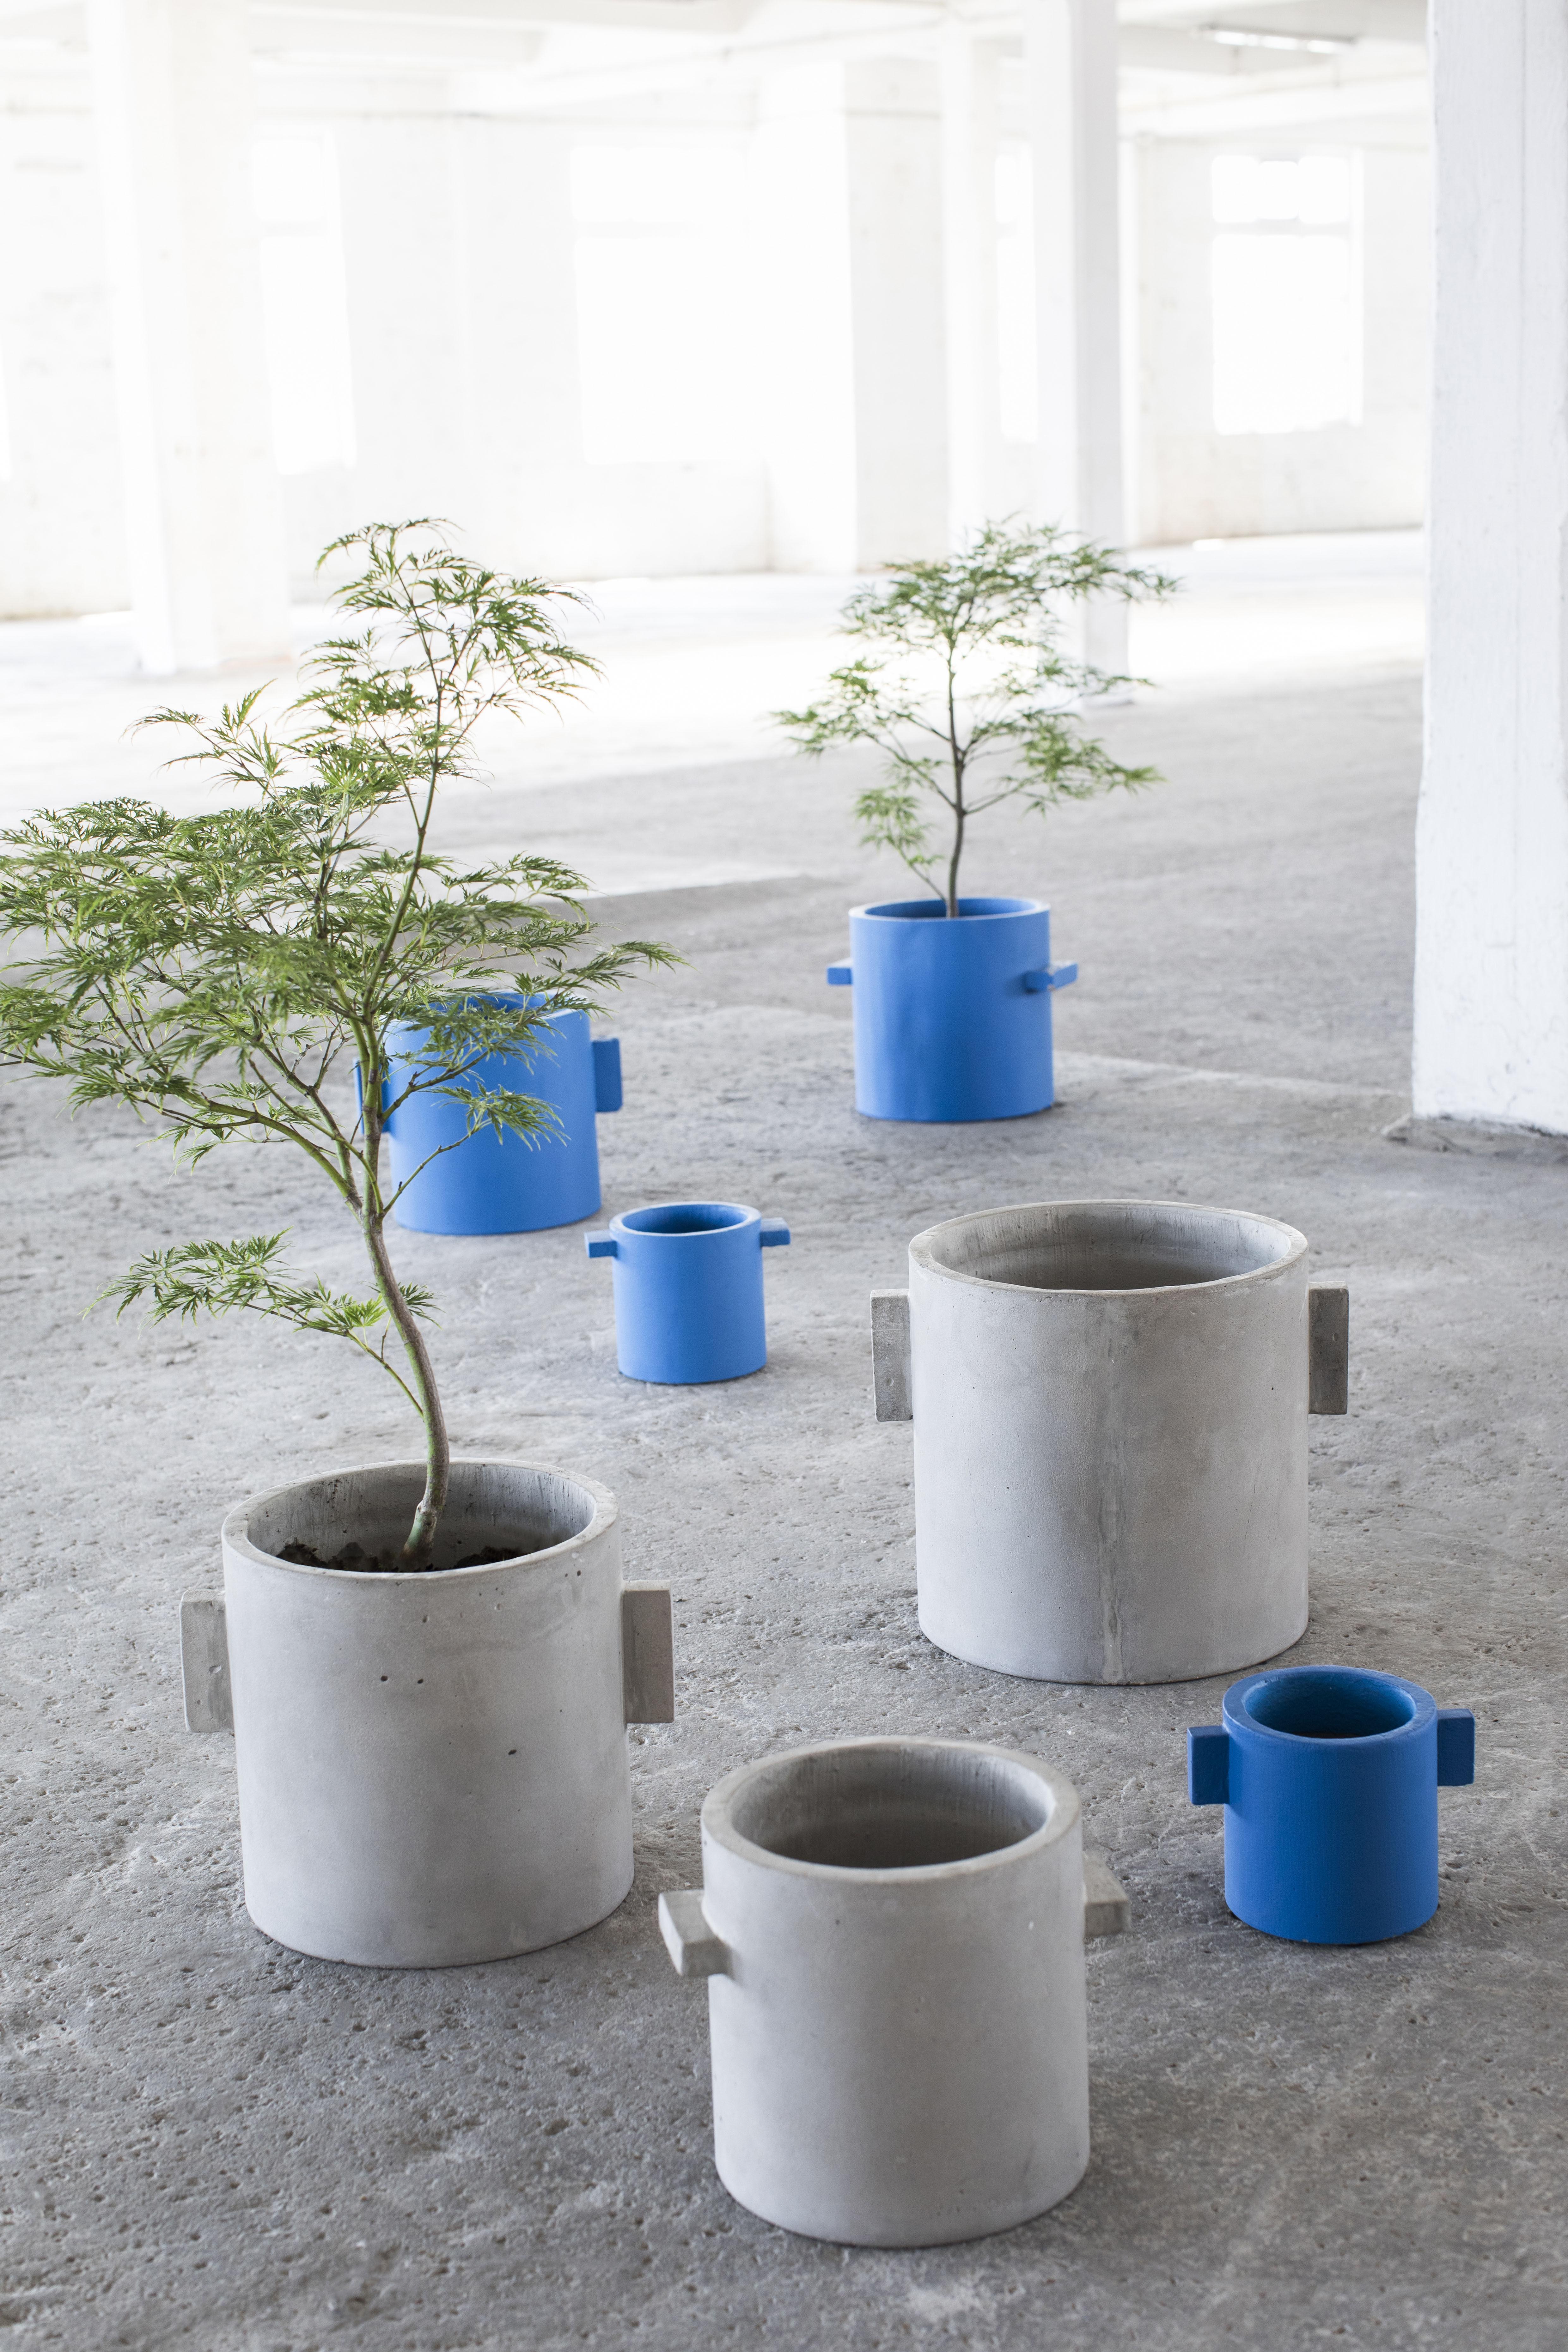 ... Decoration - Flower Pots & House Plants - Concrete Flower-pot holder - Round /